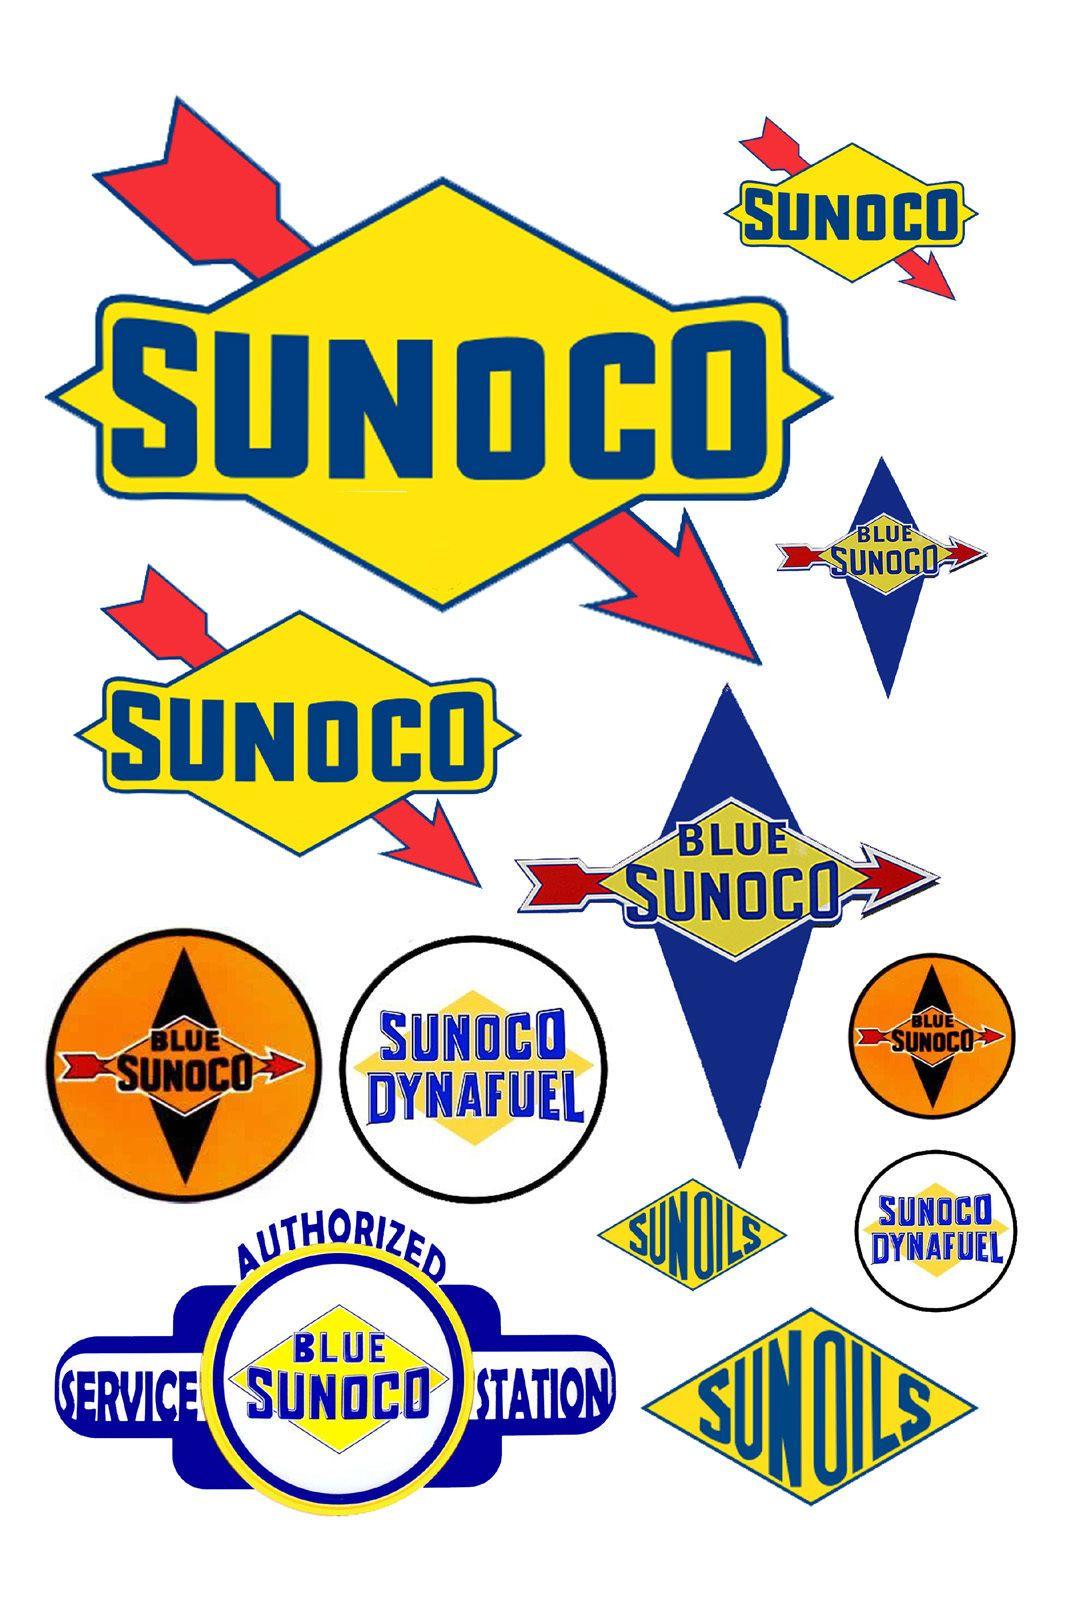 1 INCH SUNOCO DECALS STICKERS